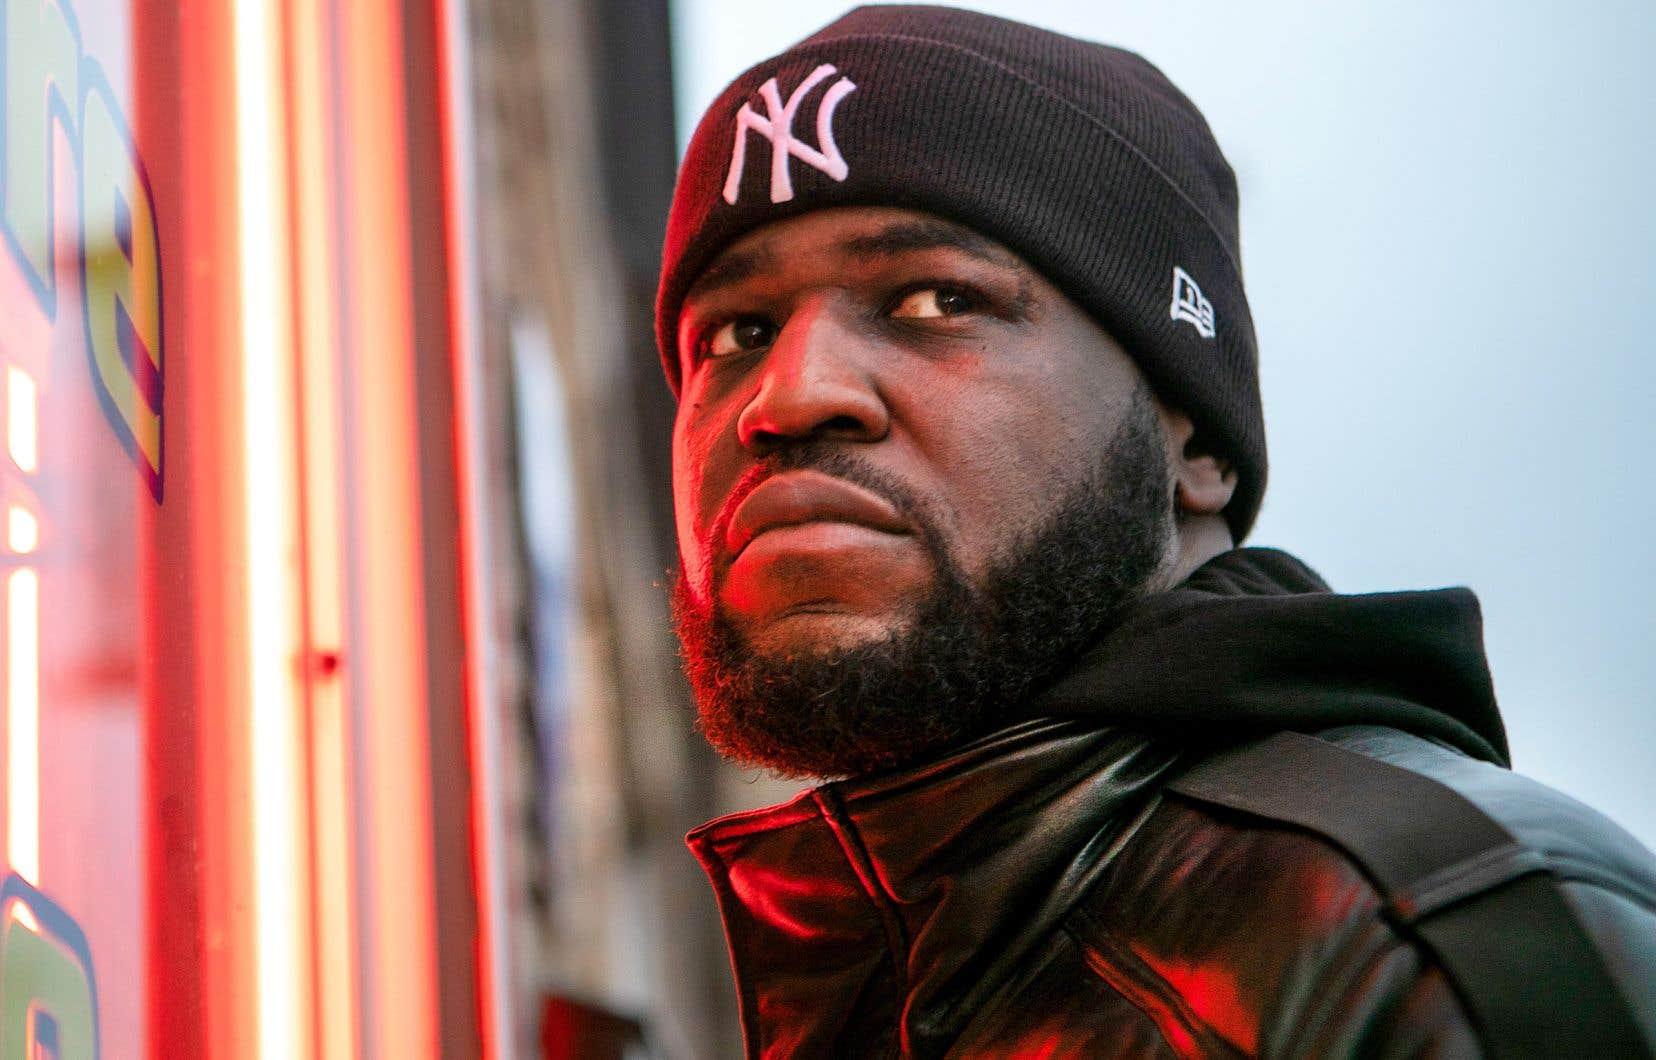 Sur «Normal de l'Est», Connaisseur Ticaso modernise le bon vieux son brut du rap québécois des années 2000.